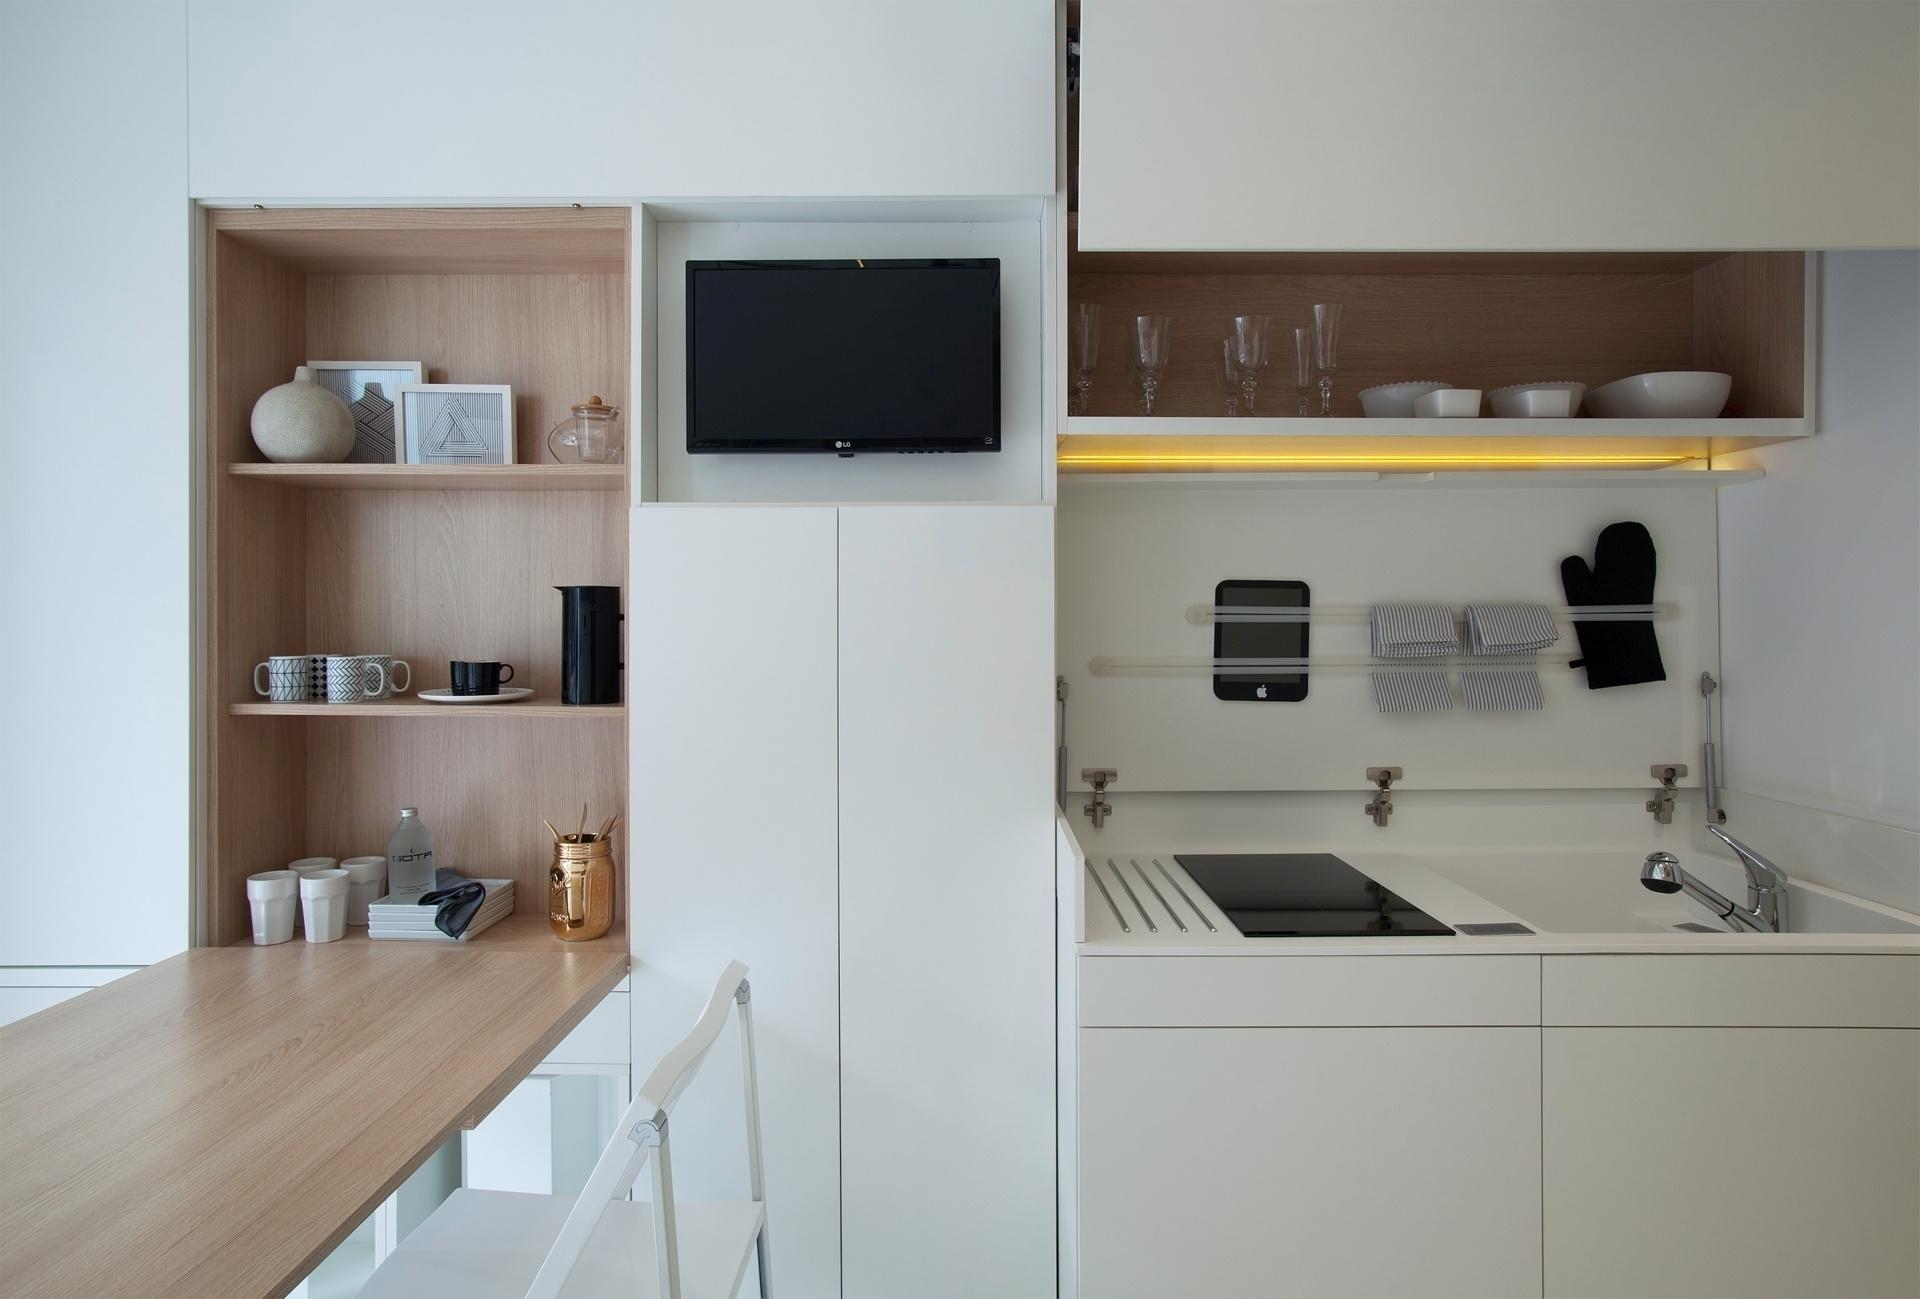 extensão da parede que abriga a mesa de jantar e a pequena cozinha  #5E493B 1920 1299